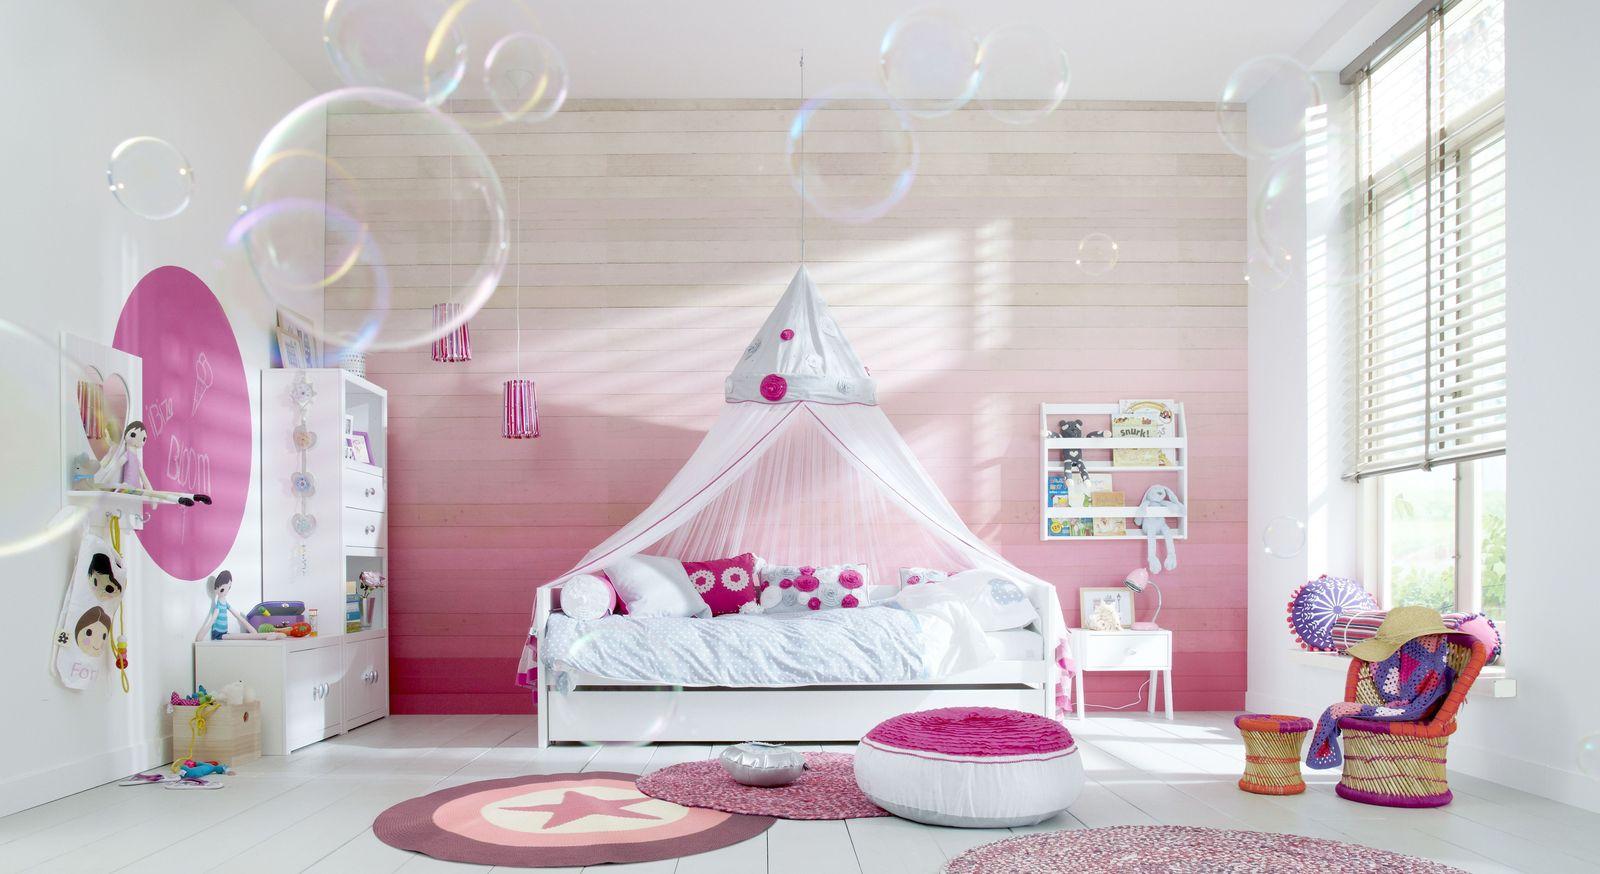 LIFETIME Sofabett Original mit Zubehör fürs Kinderzimmer